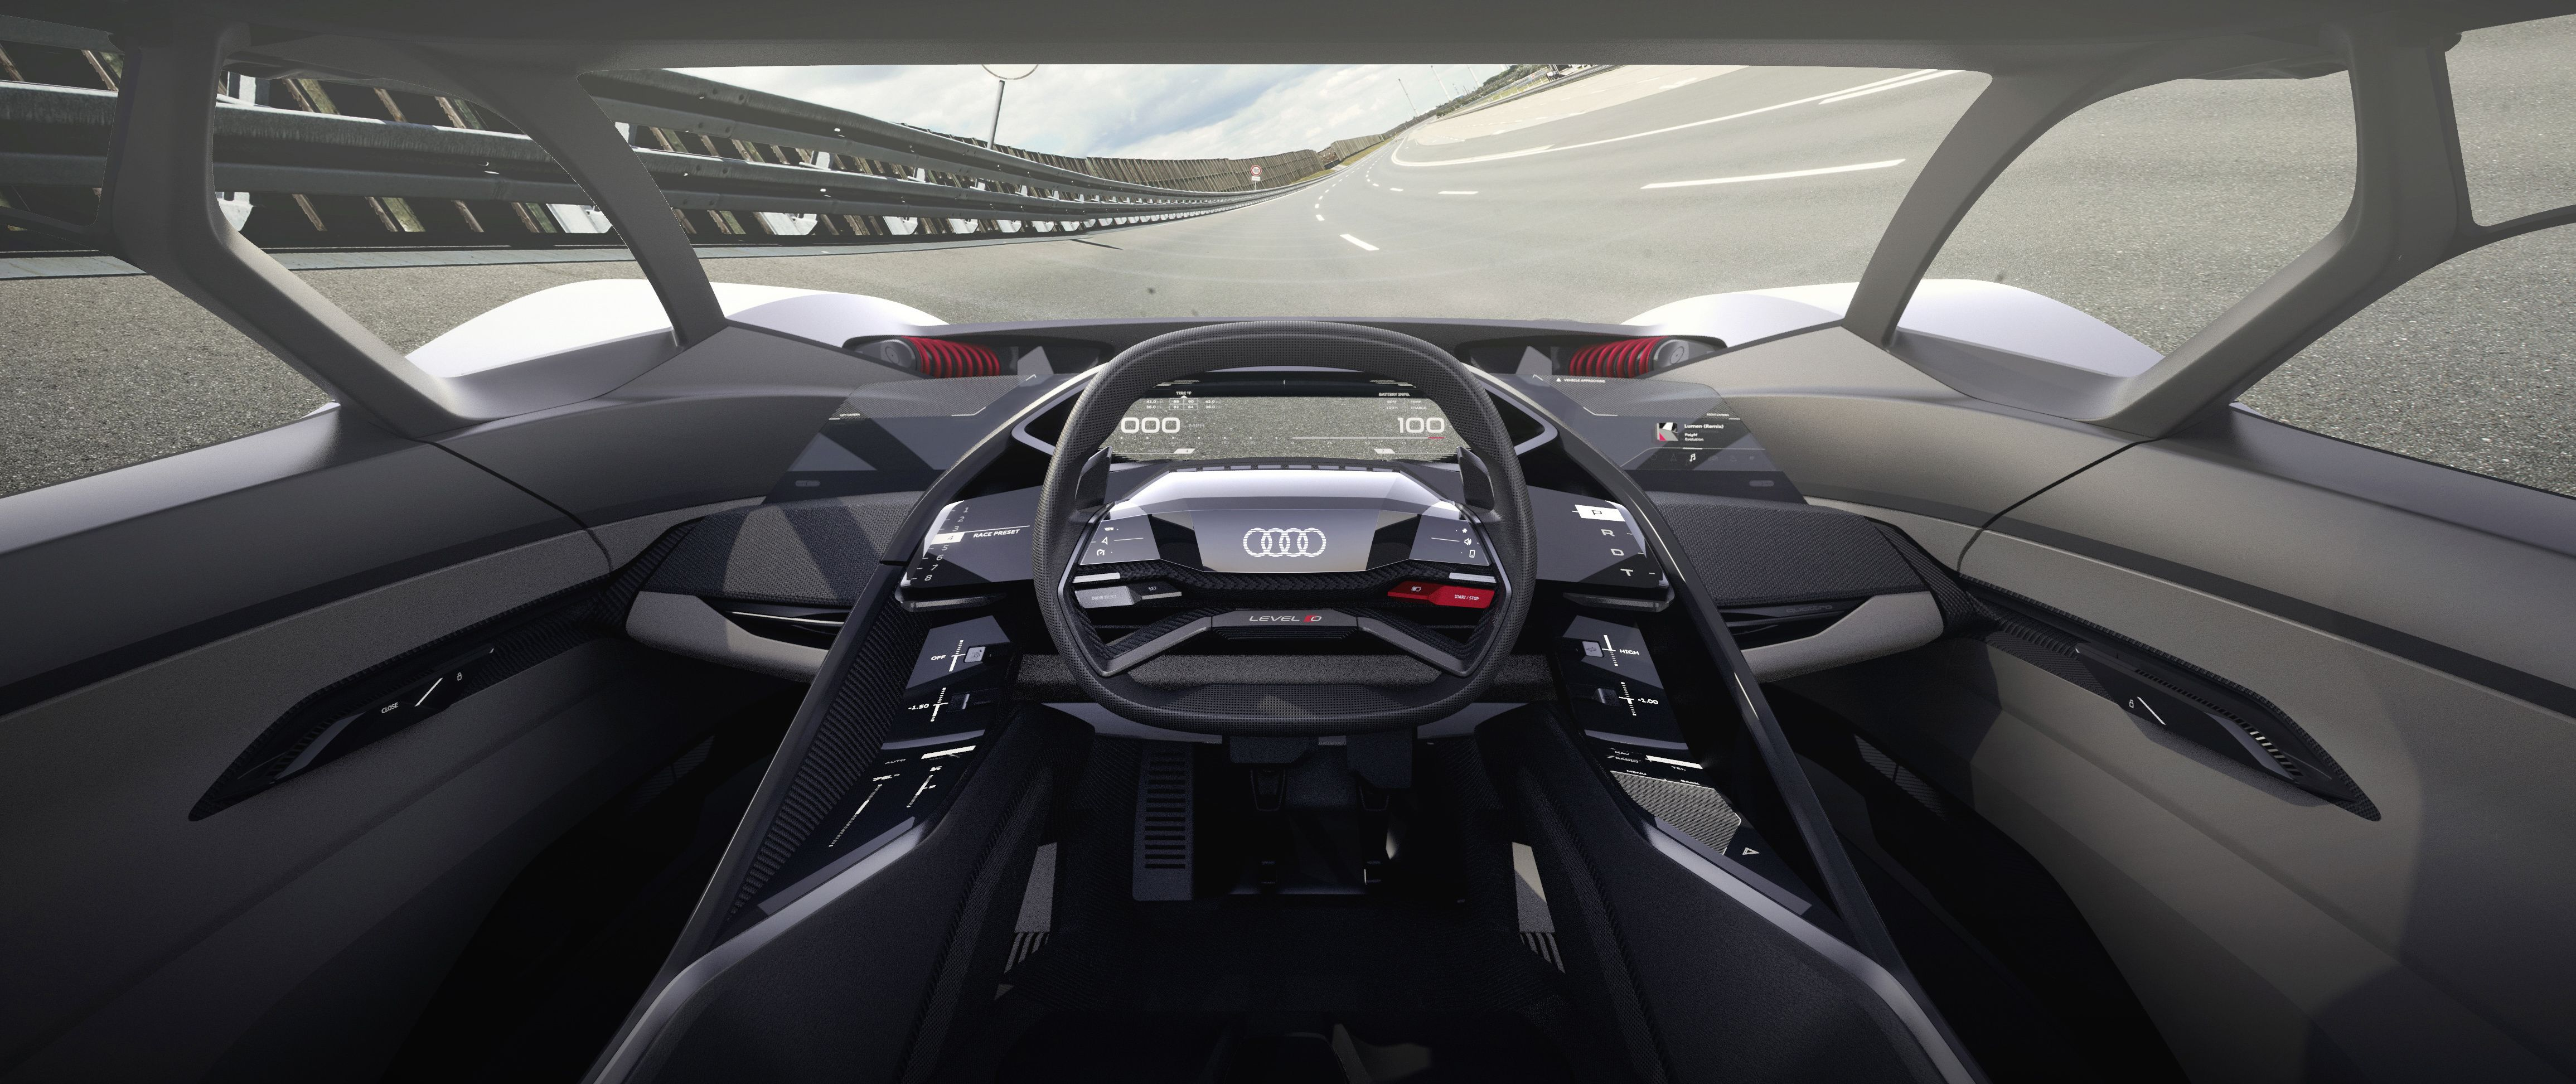 Audi S Pb18 E Tron Supercar Designed Around Ideal Driver S Position In The Centre E Tron Audi Supercar Design